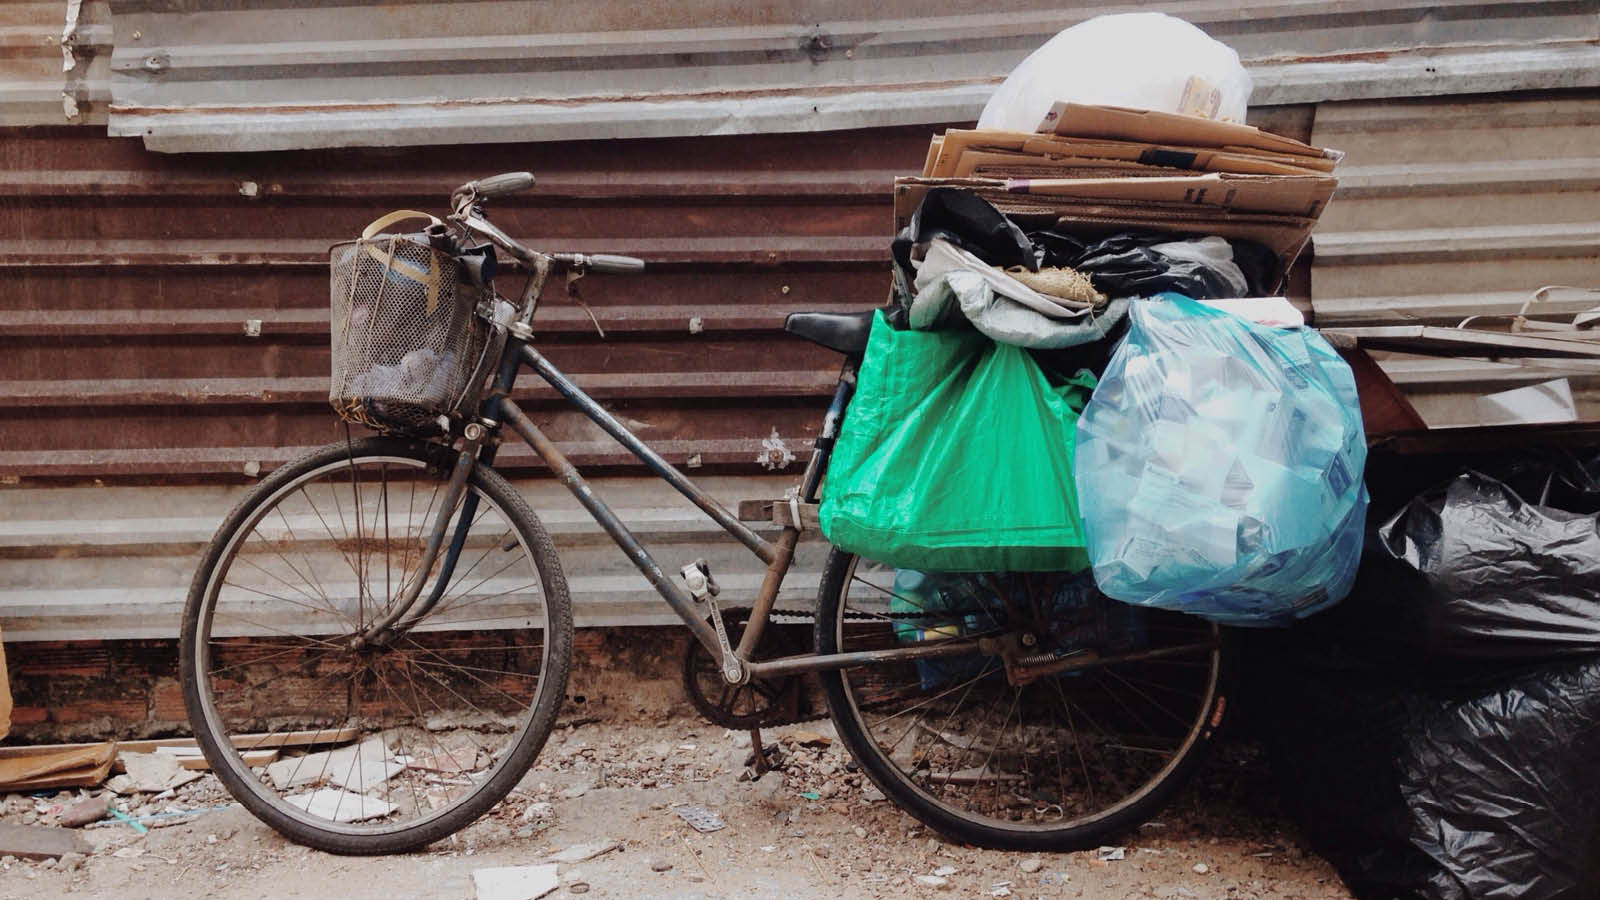 Week 2: APA 5-Week Deep Poverty Initiative Challenge